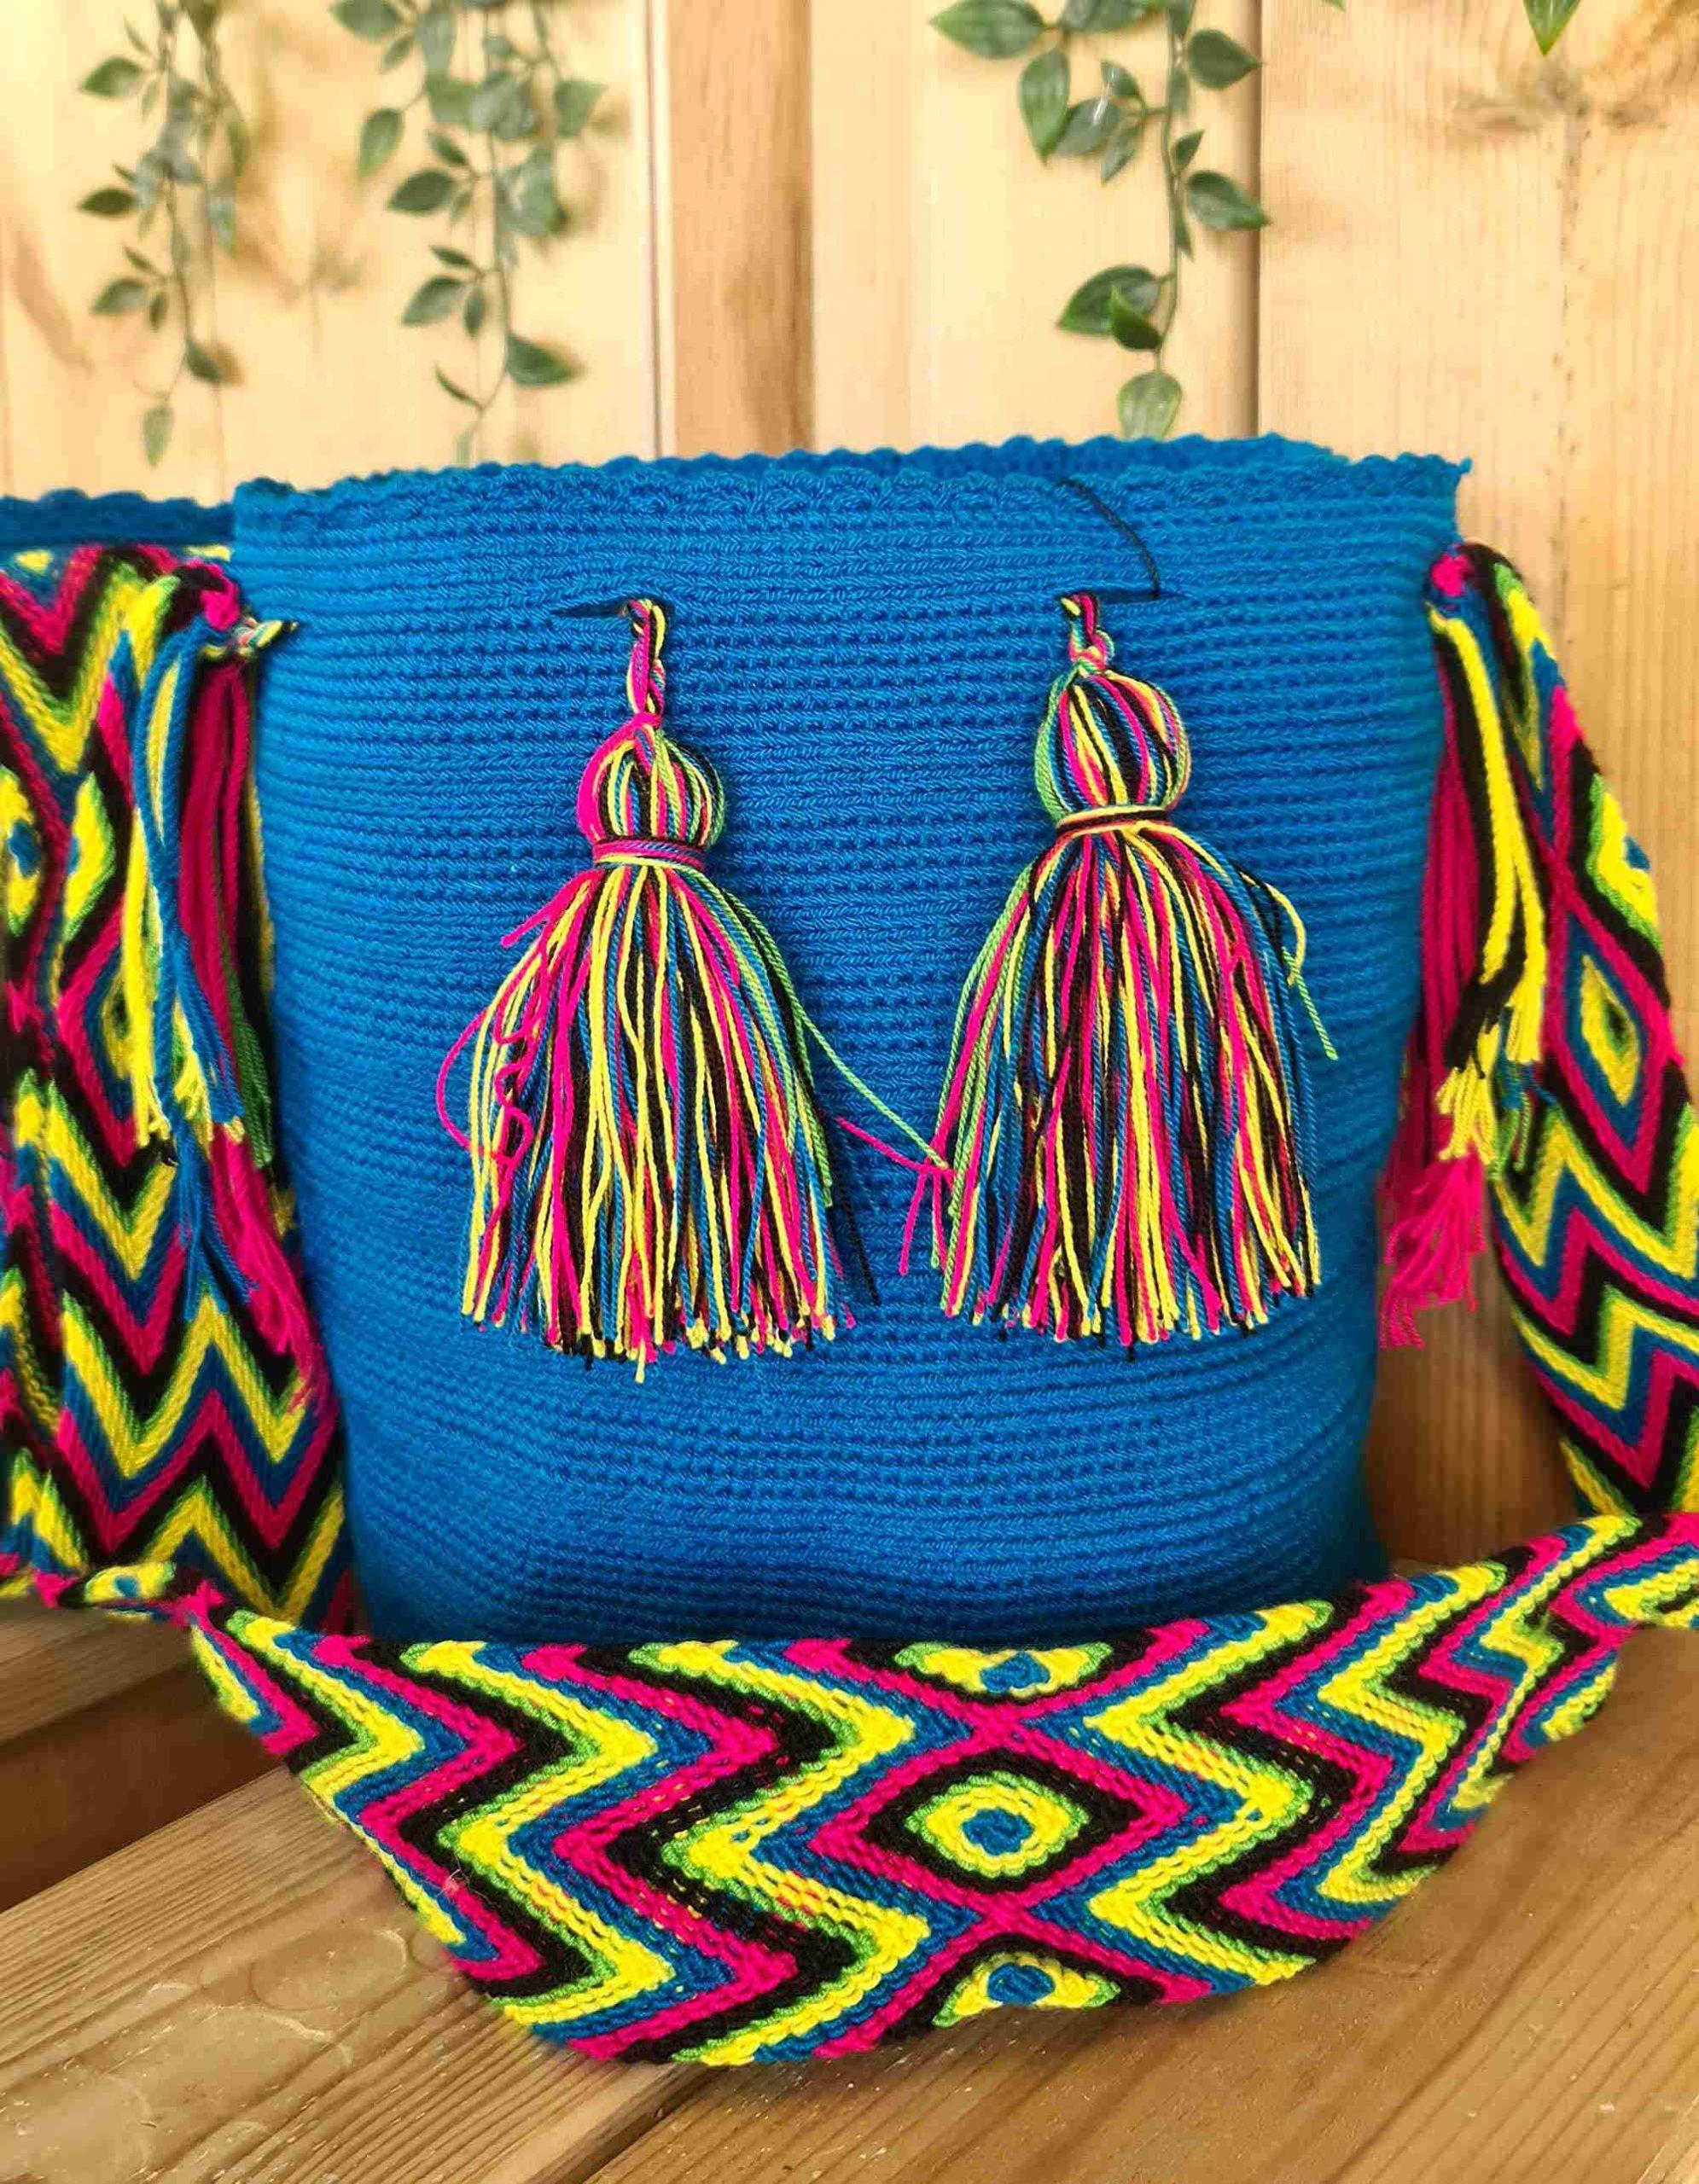 Bolso Wayuu Original Auténtico (sólo 1 igual), color azul con correa amarillo, azul y rosa.